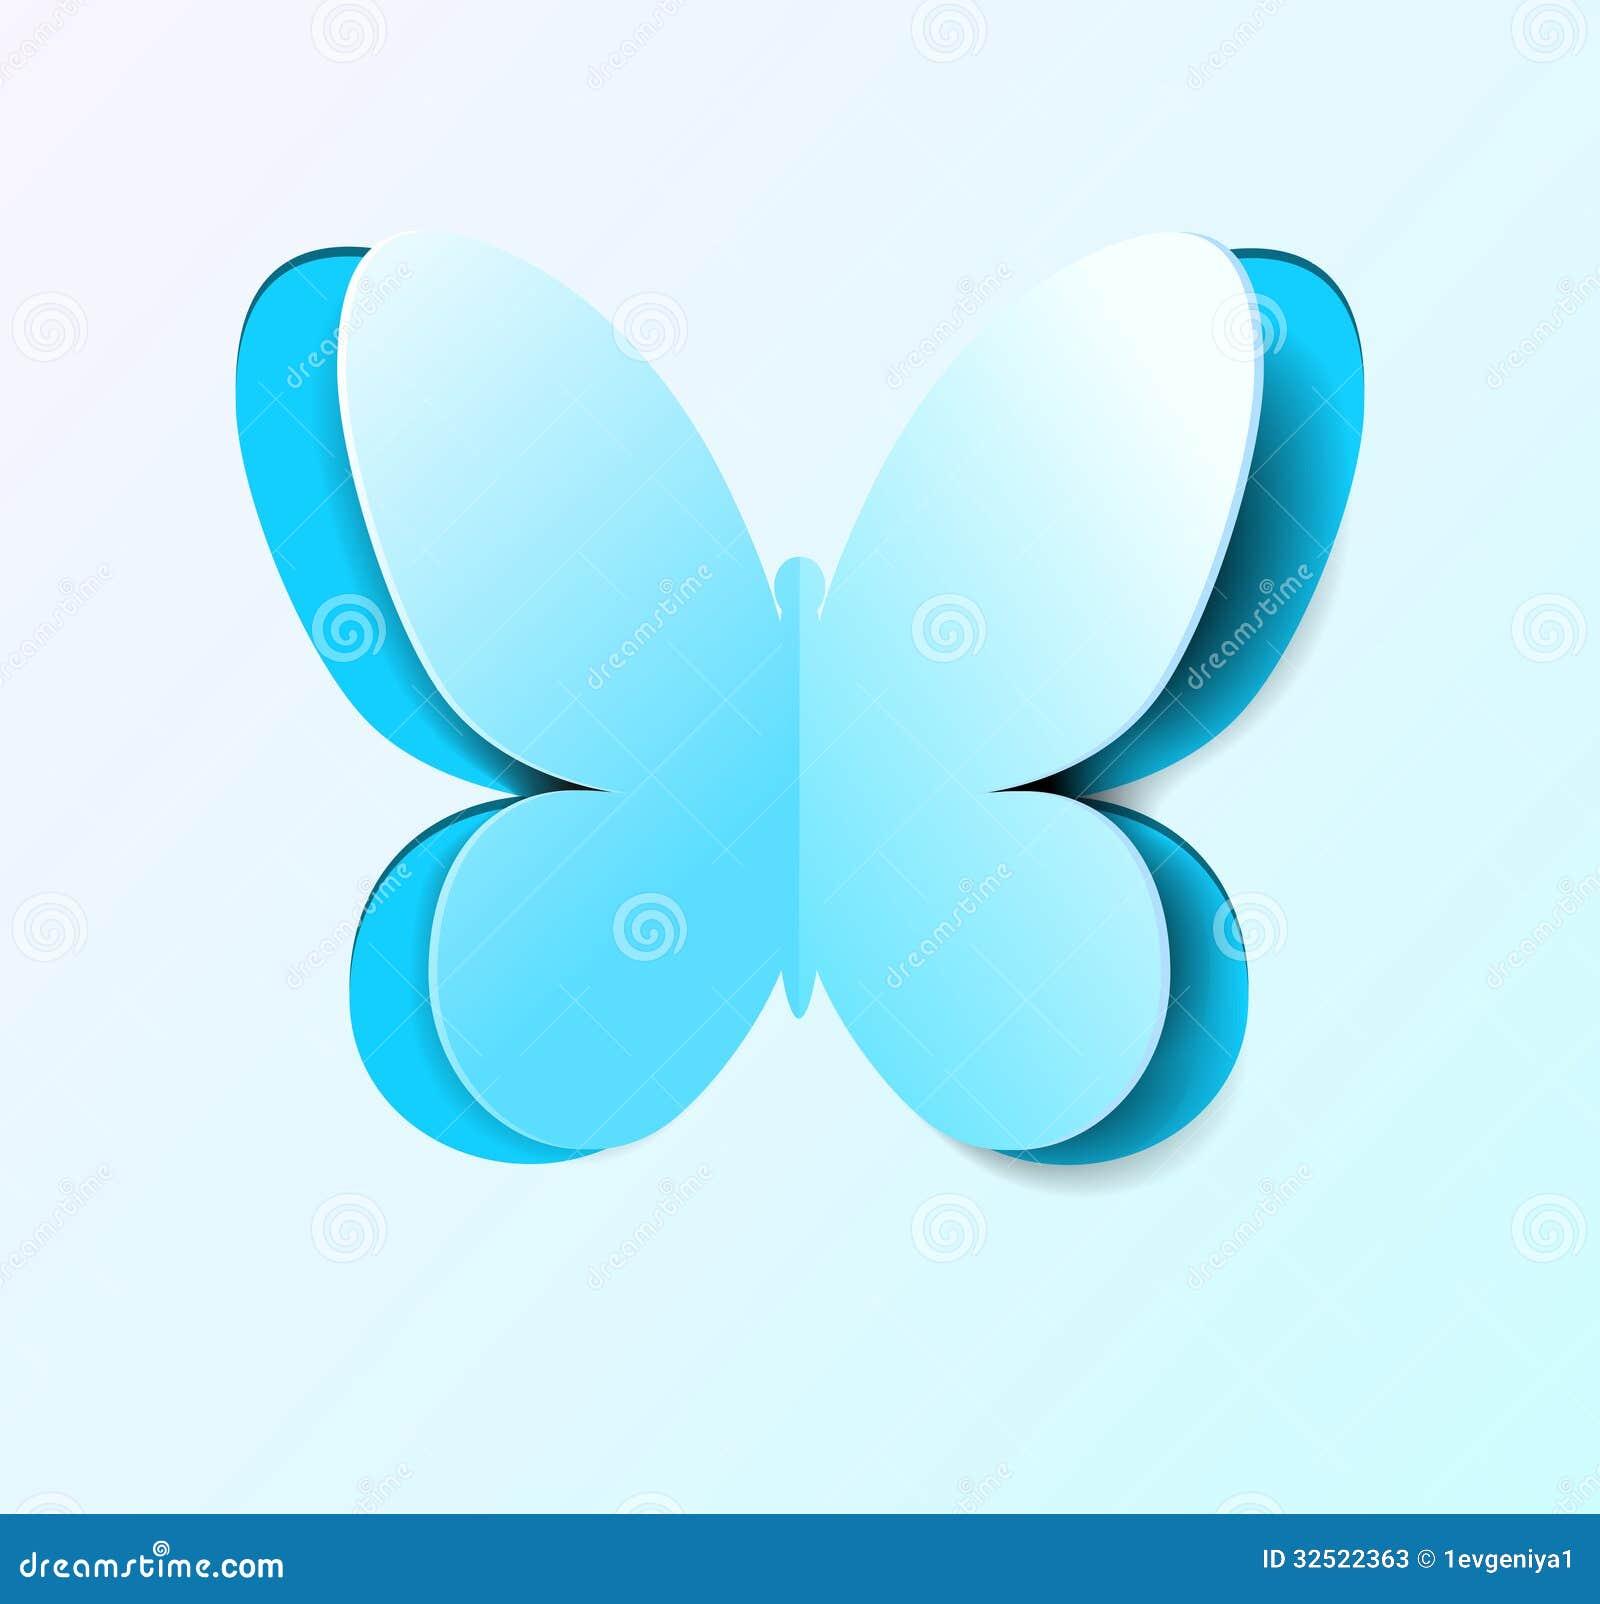 essay times butterflies